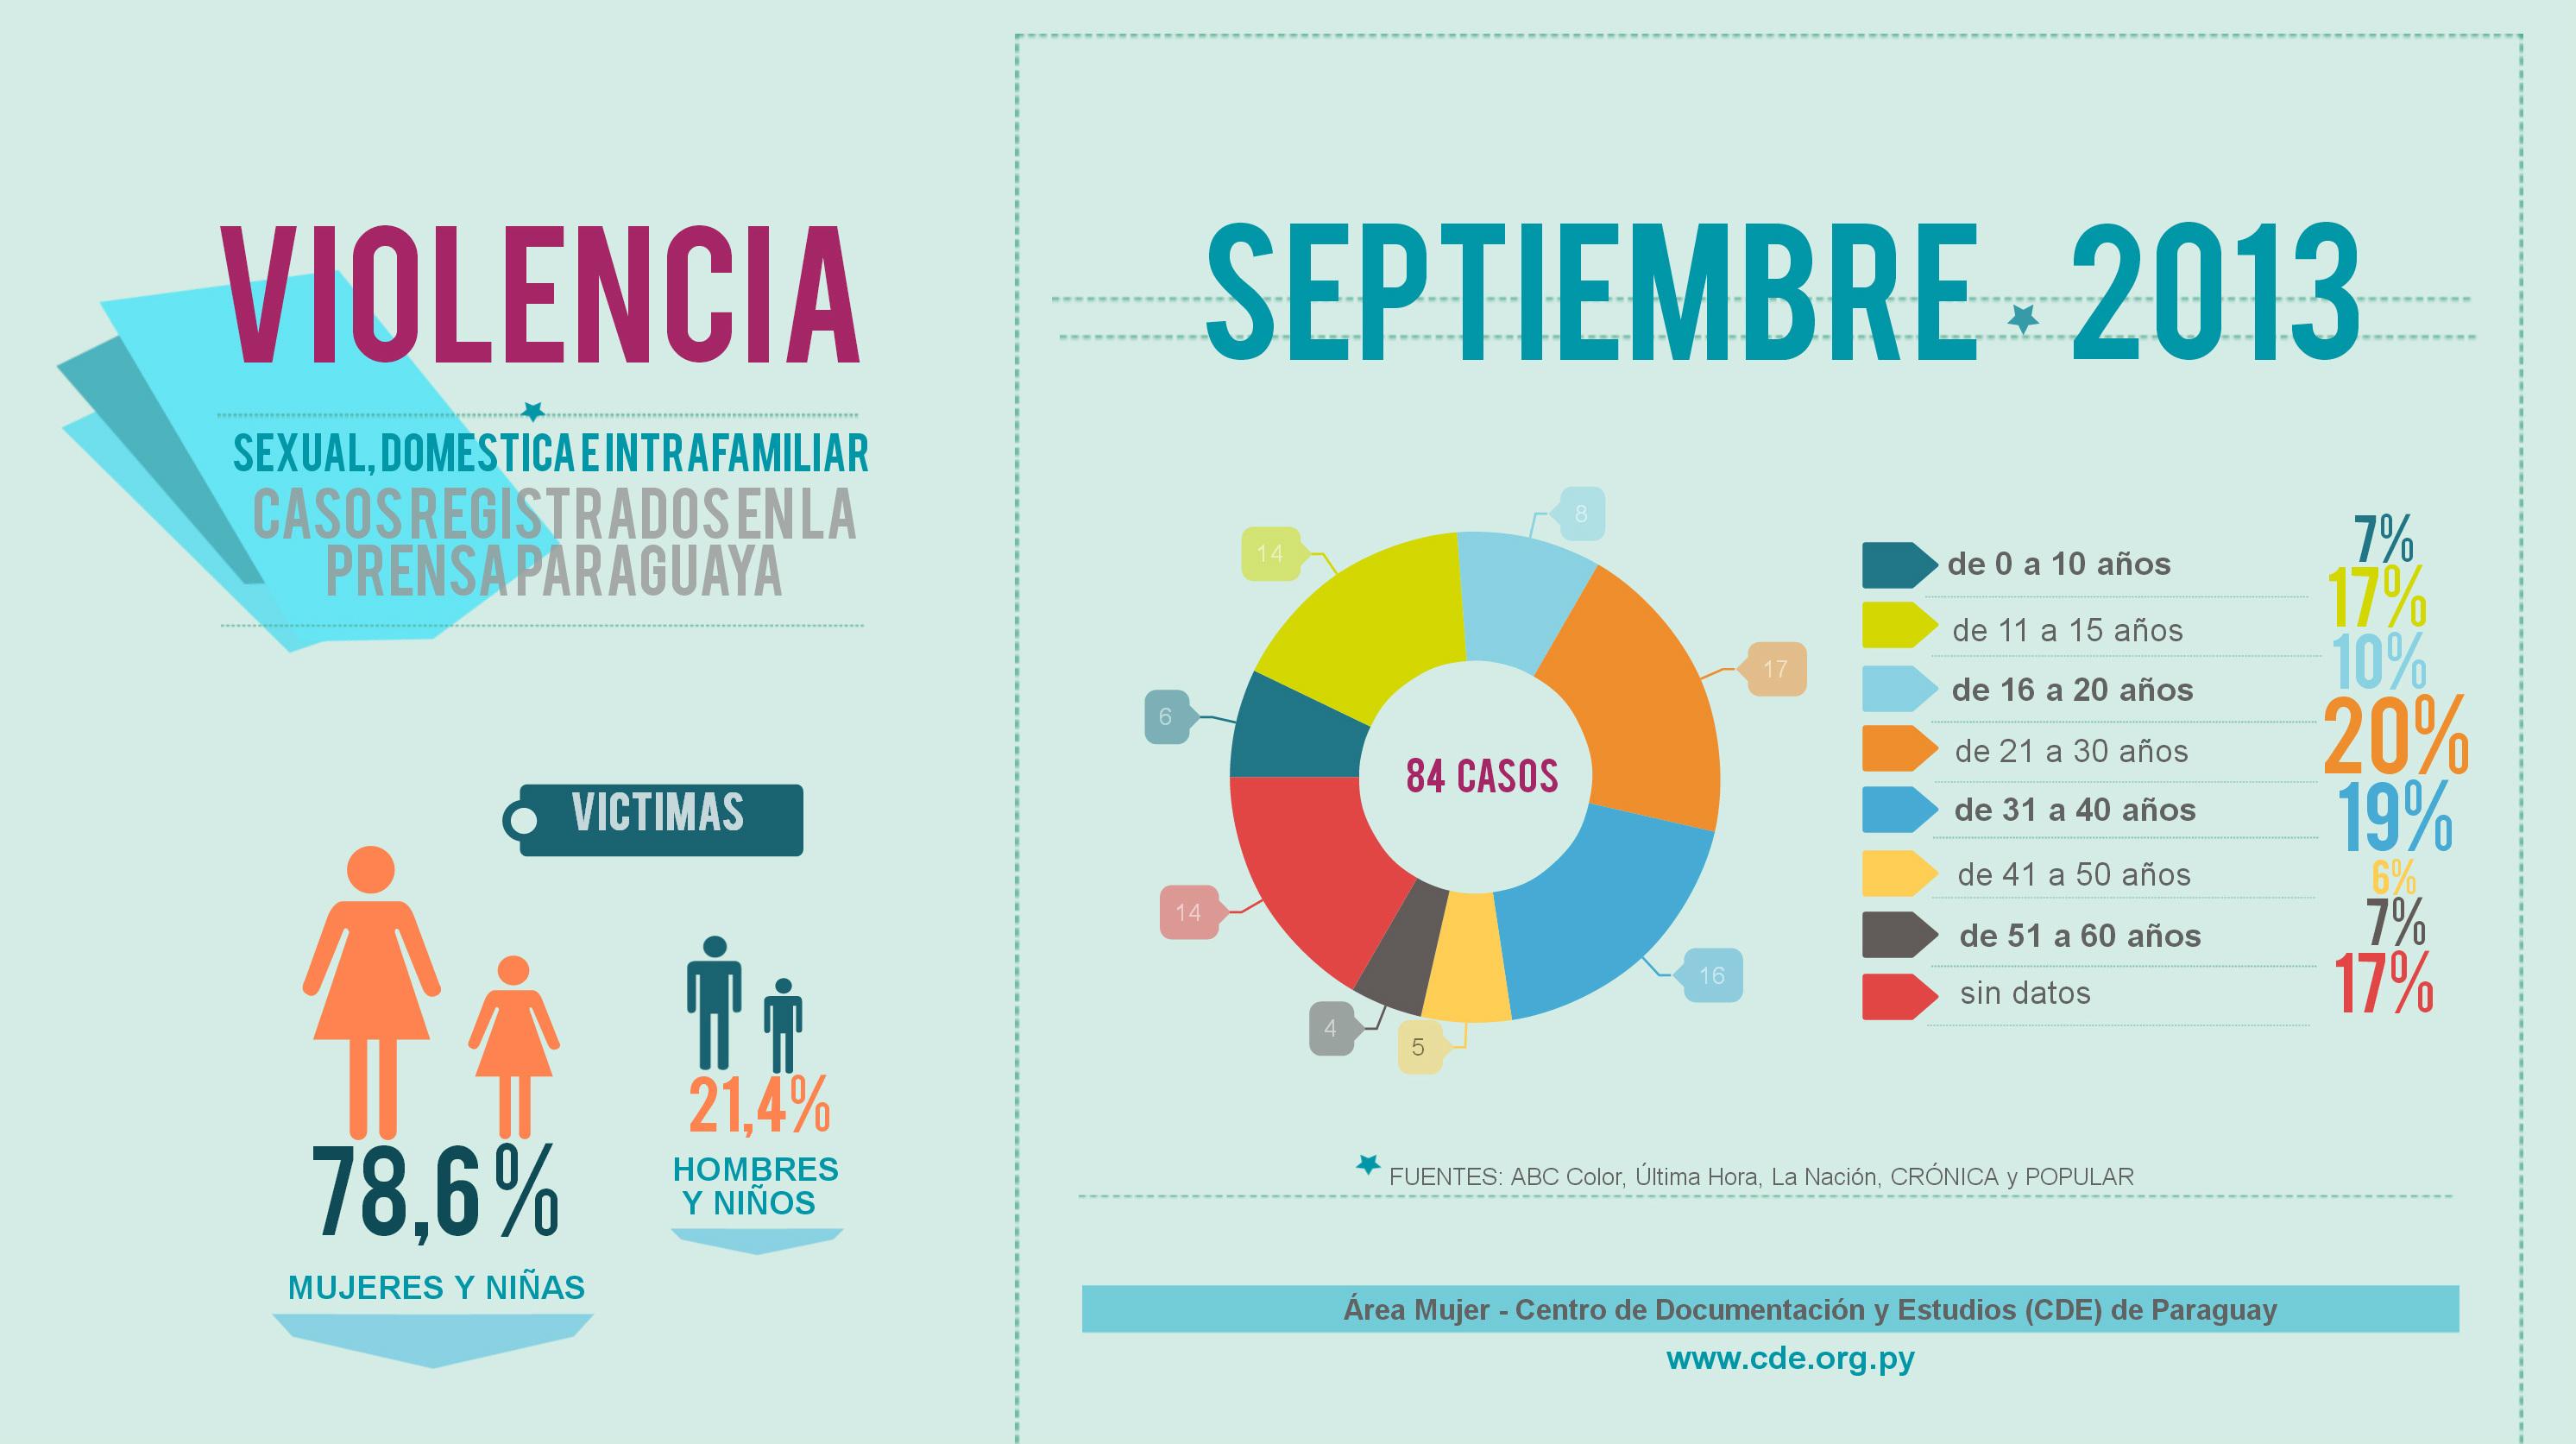 infografía con casos de violencia intrafamiliar, sexual y doméstica en septiembre de 2013